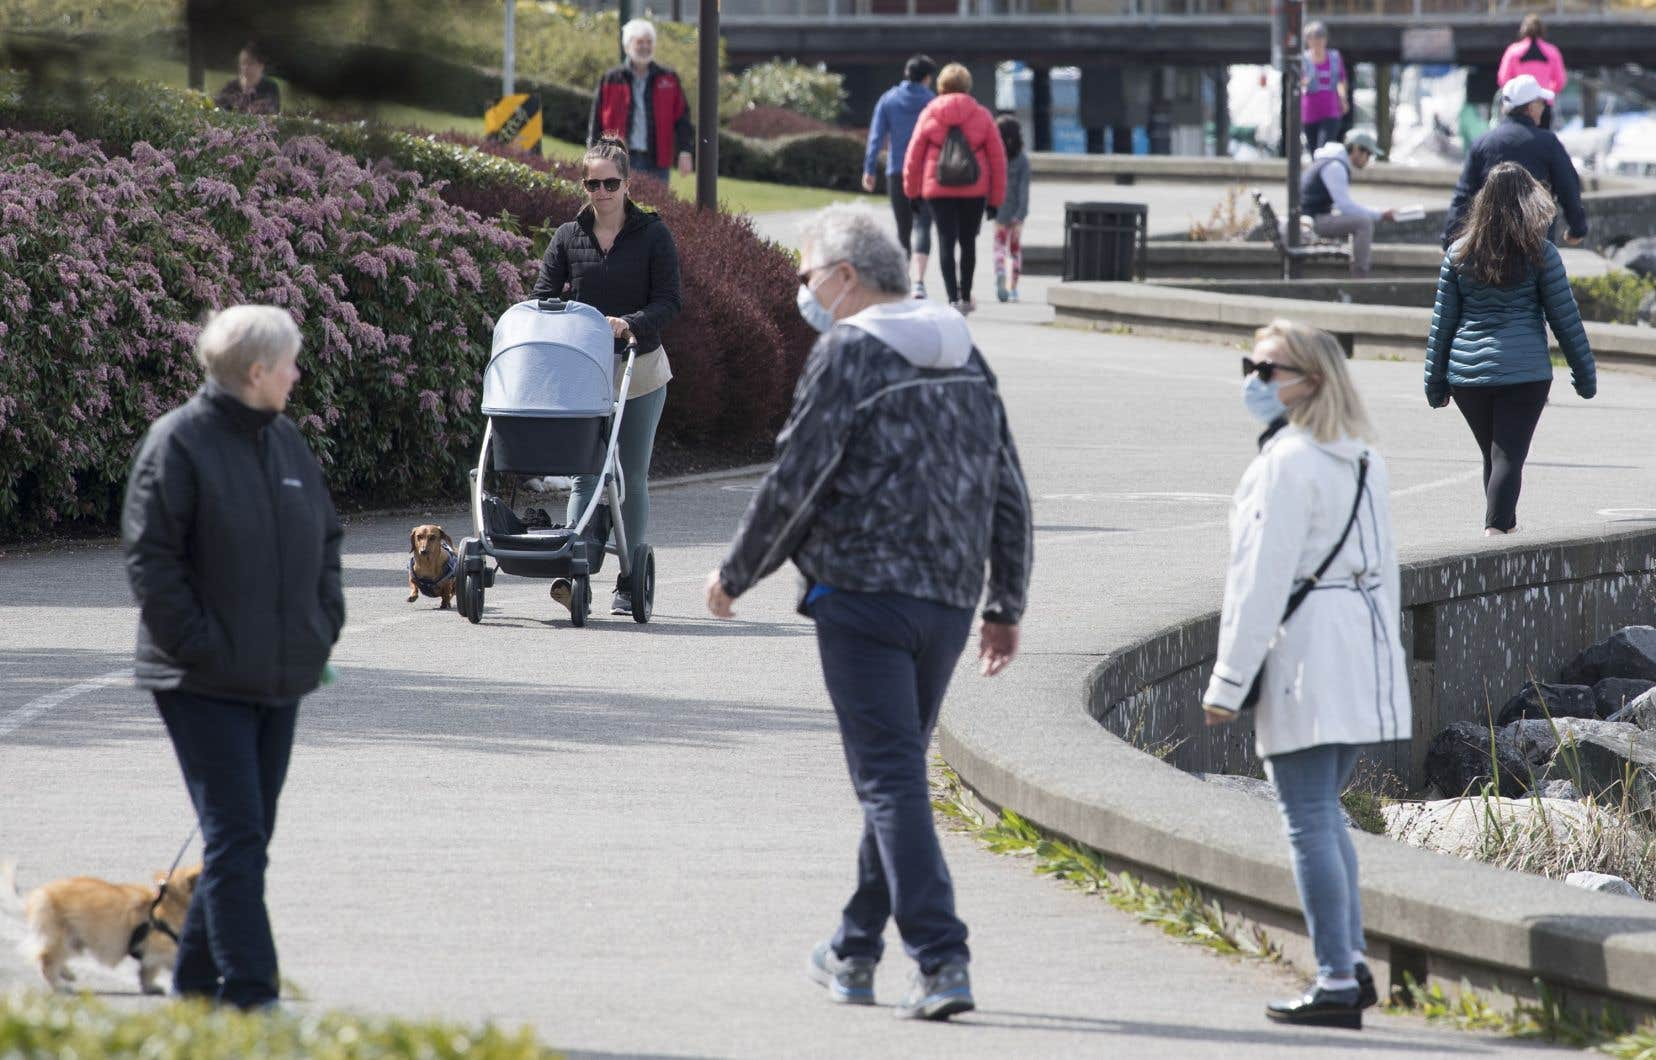 Les trottoirs étroits, en particulier dans les villes, empêchent les piétons de se tenir à 2 mètres de distance. Sur la photo, des piétons à Vancouver.